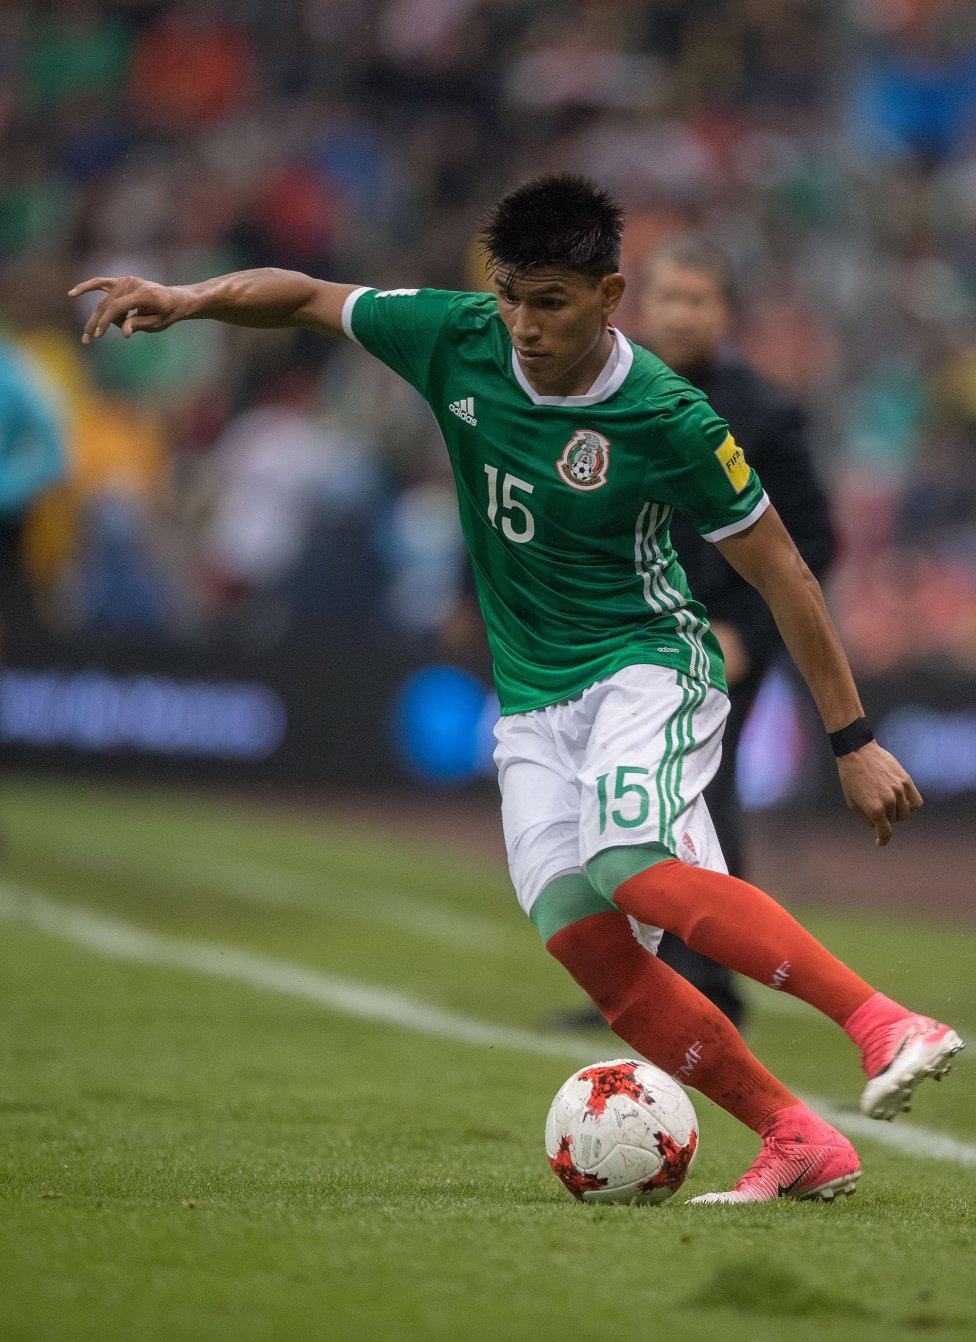 Resultado de imagen para Jesus Gallardo seleccion mexicana